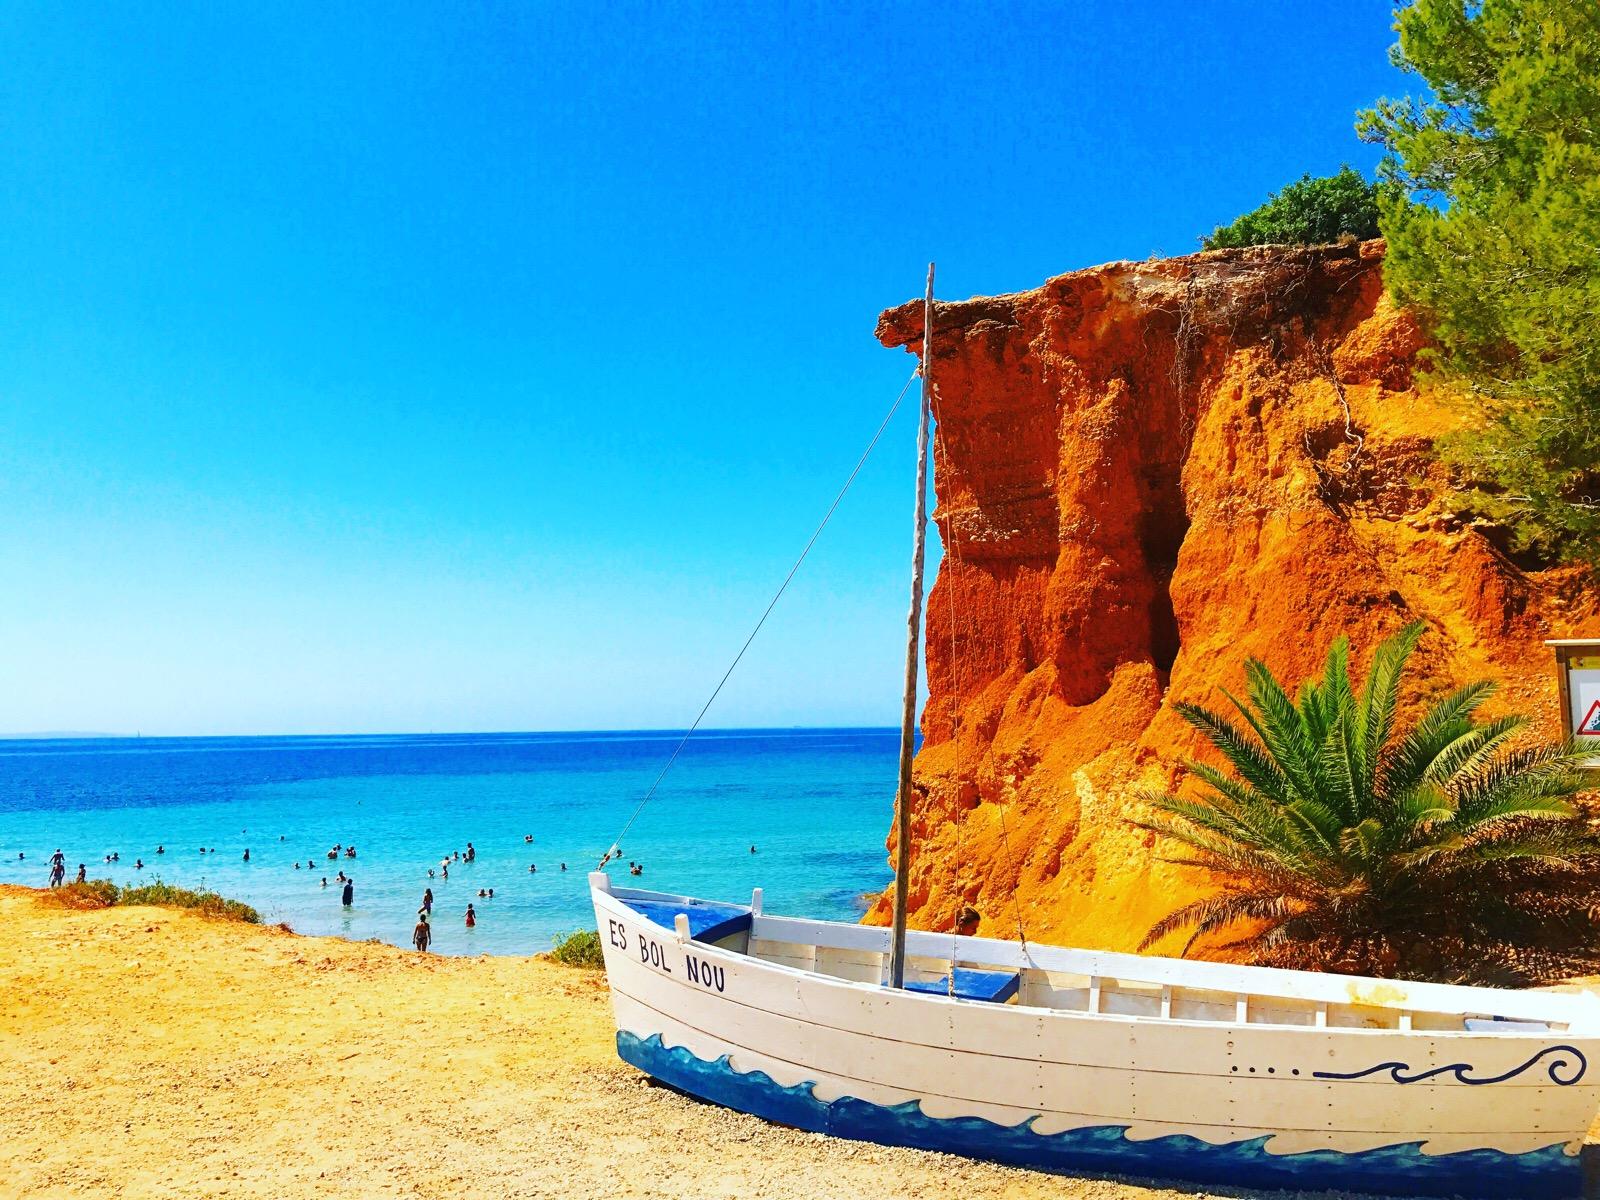 【SA CALETA】ナイトライフだけじゃない!イビザ島美しいビーチの魅力!【スペイン】